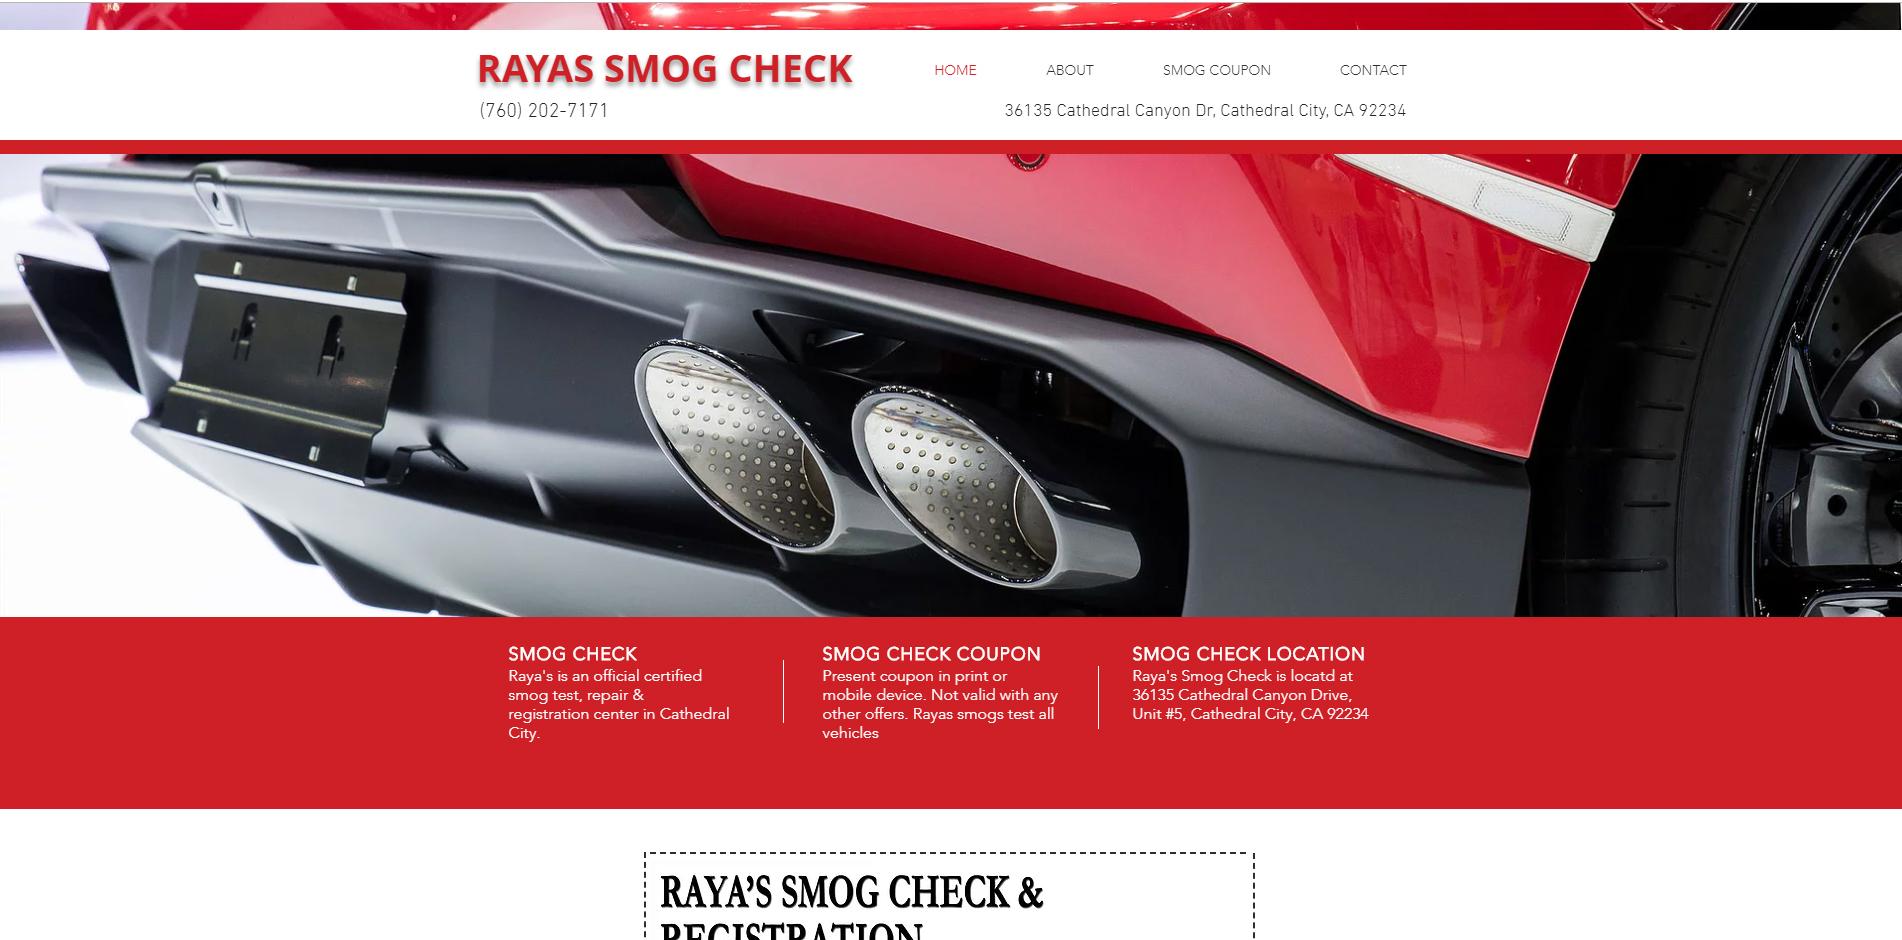 Raya's Smog Check